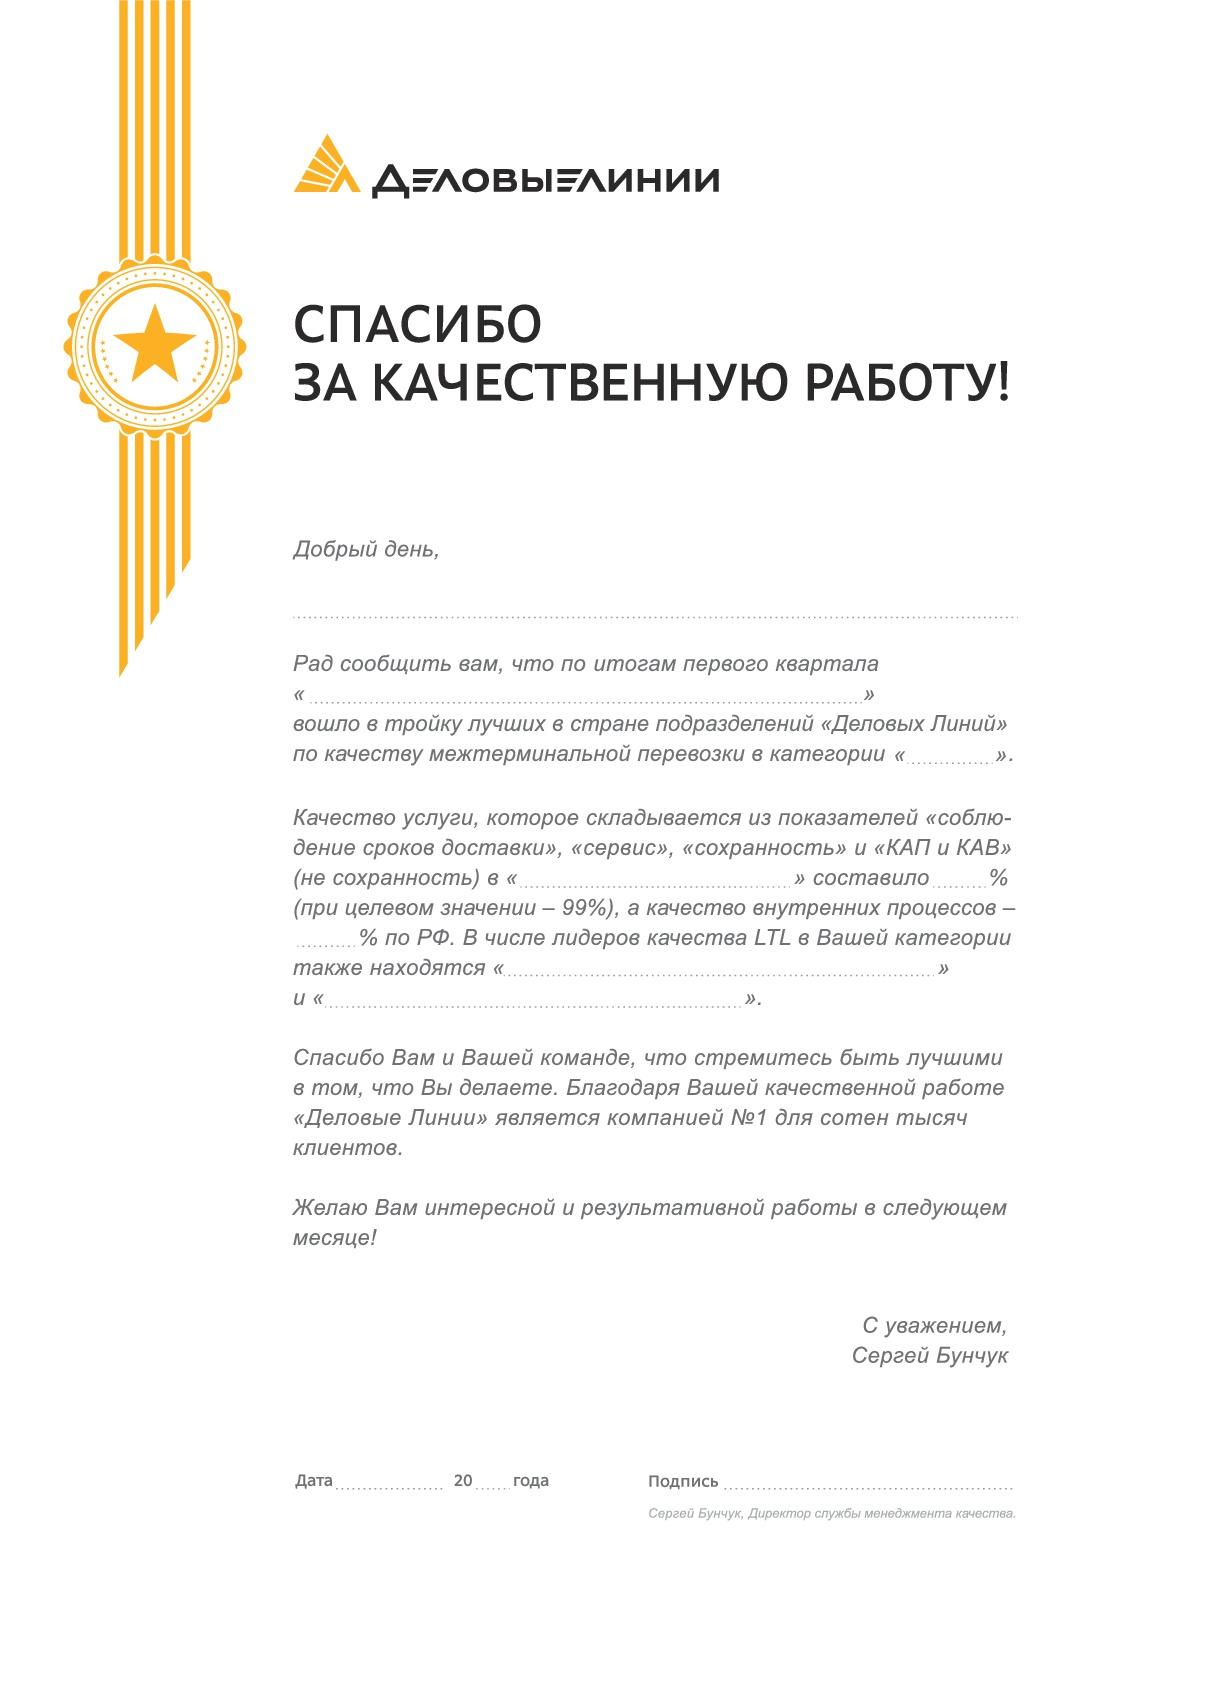 Именное поздравление Деловые Линии «Спасибо за качественную работу!»